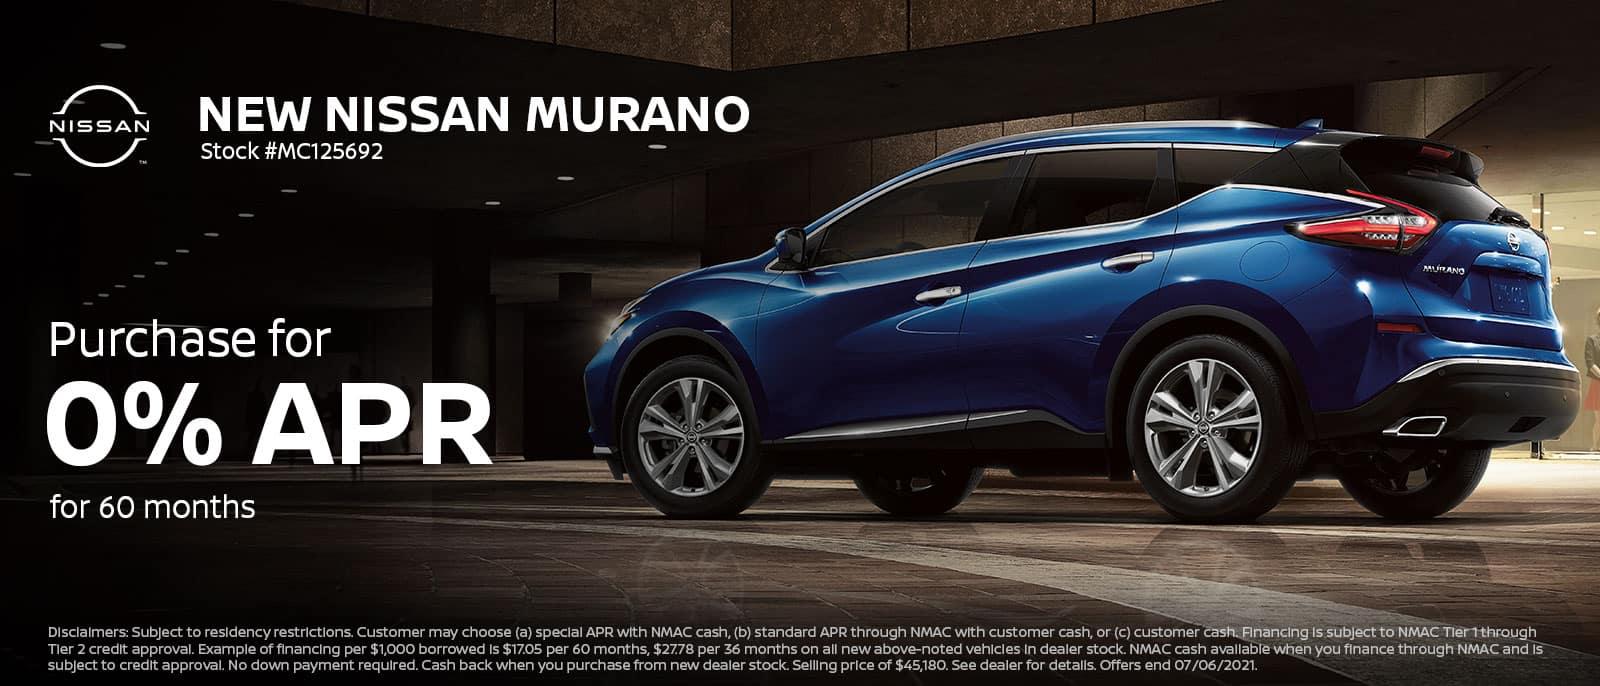 new-nissan-murano